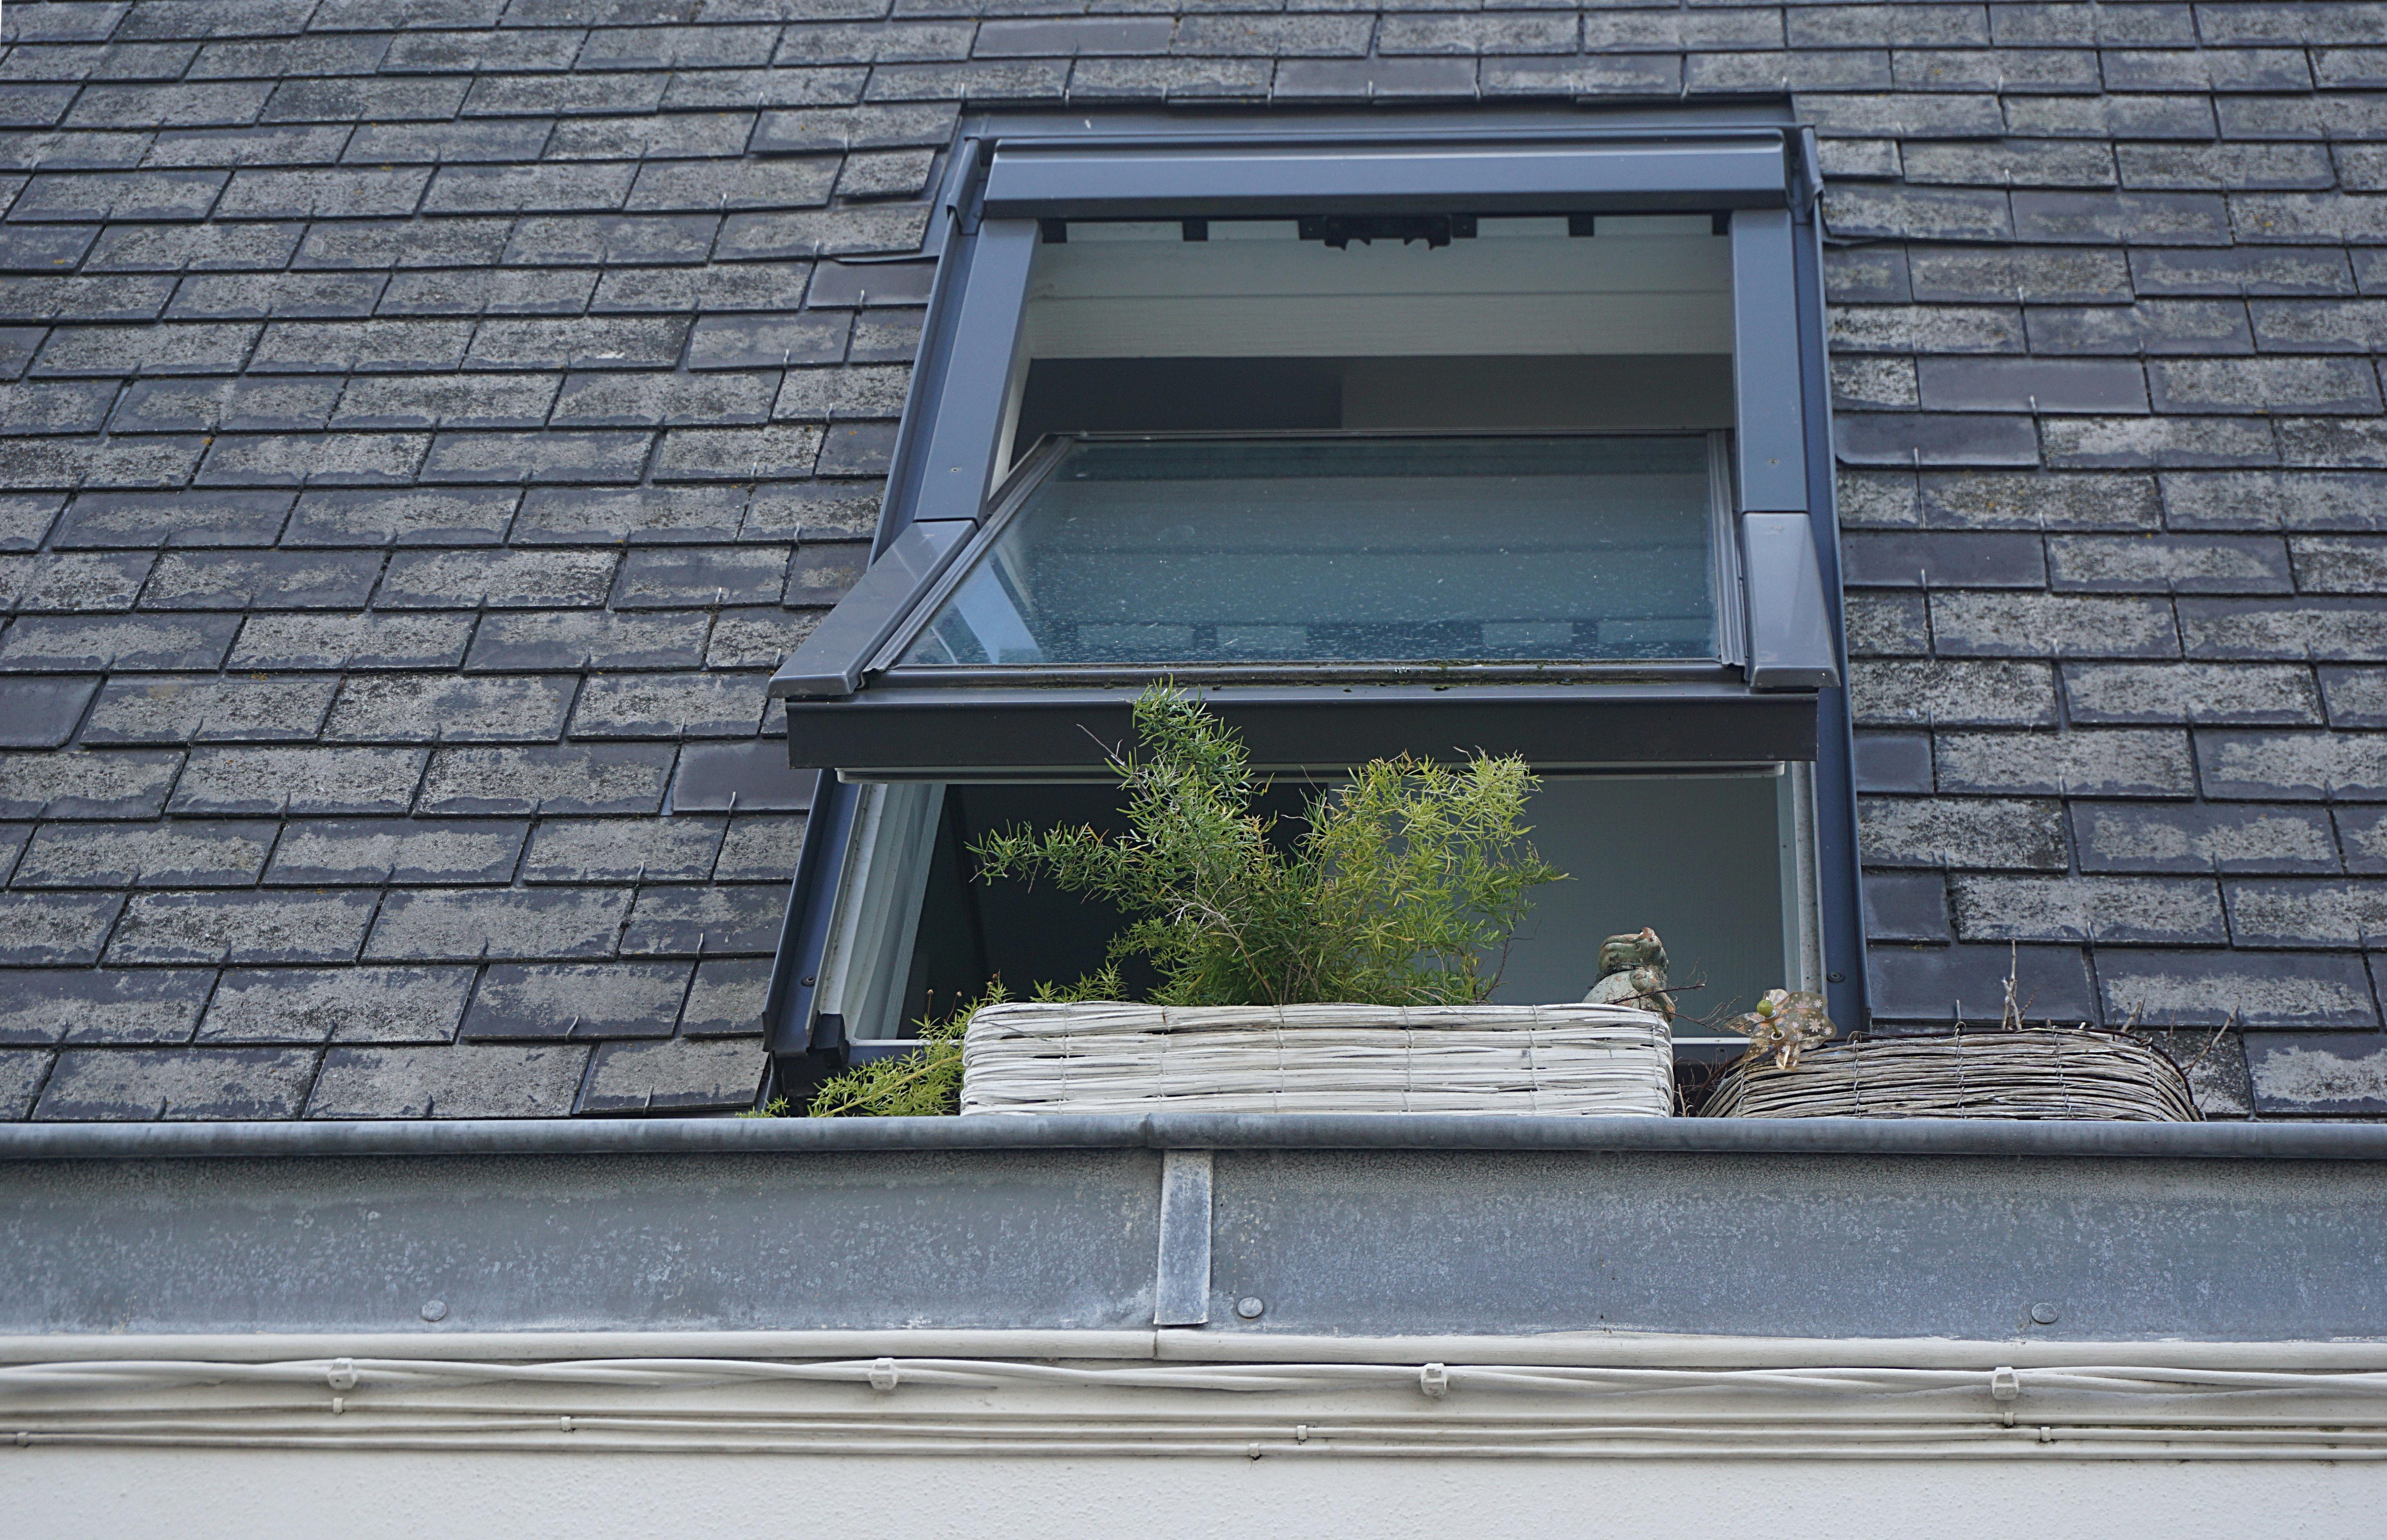 Okna w dachu plusy minusy.